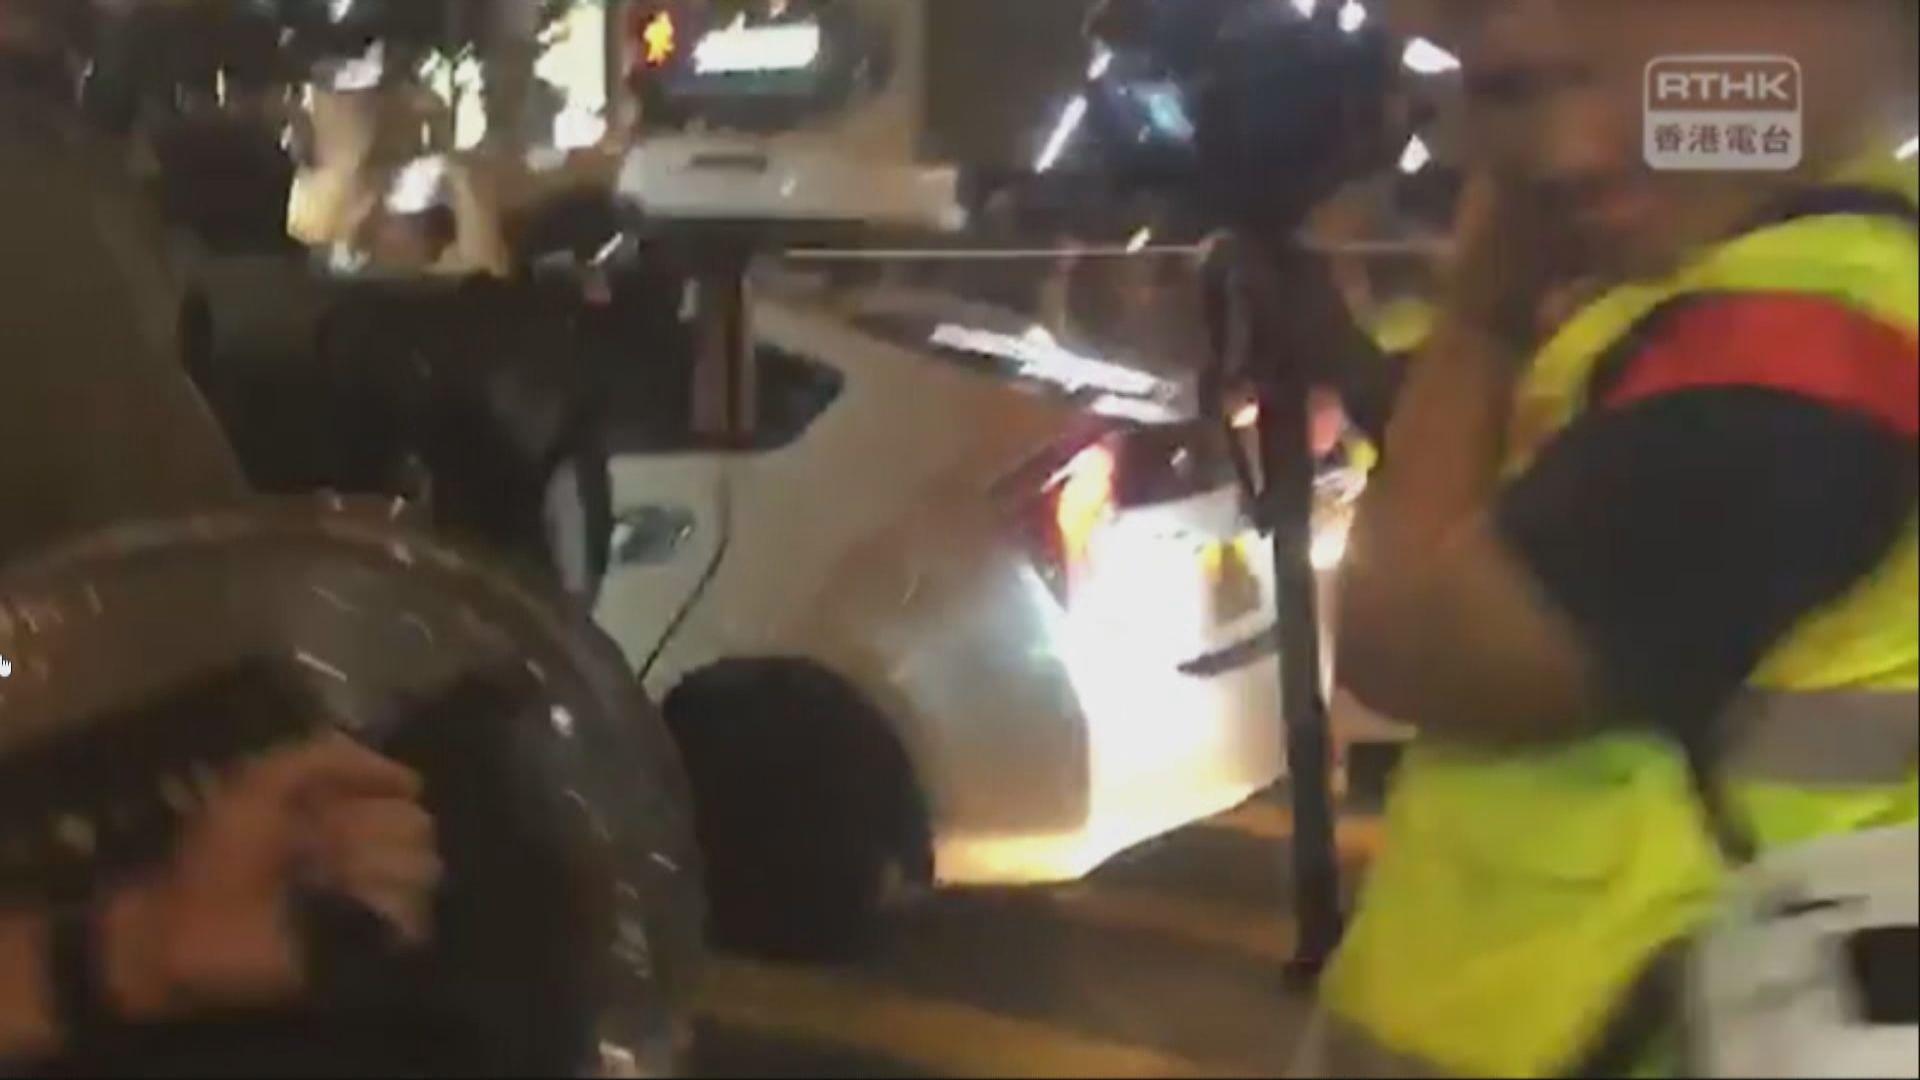 港台攝影記者蘭桂坊兩度被警員正面噴胡椒水